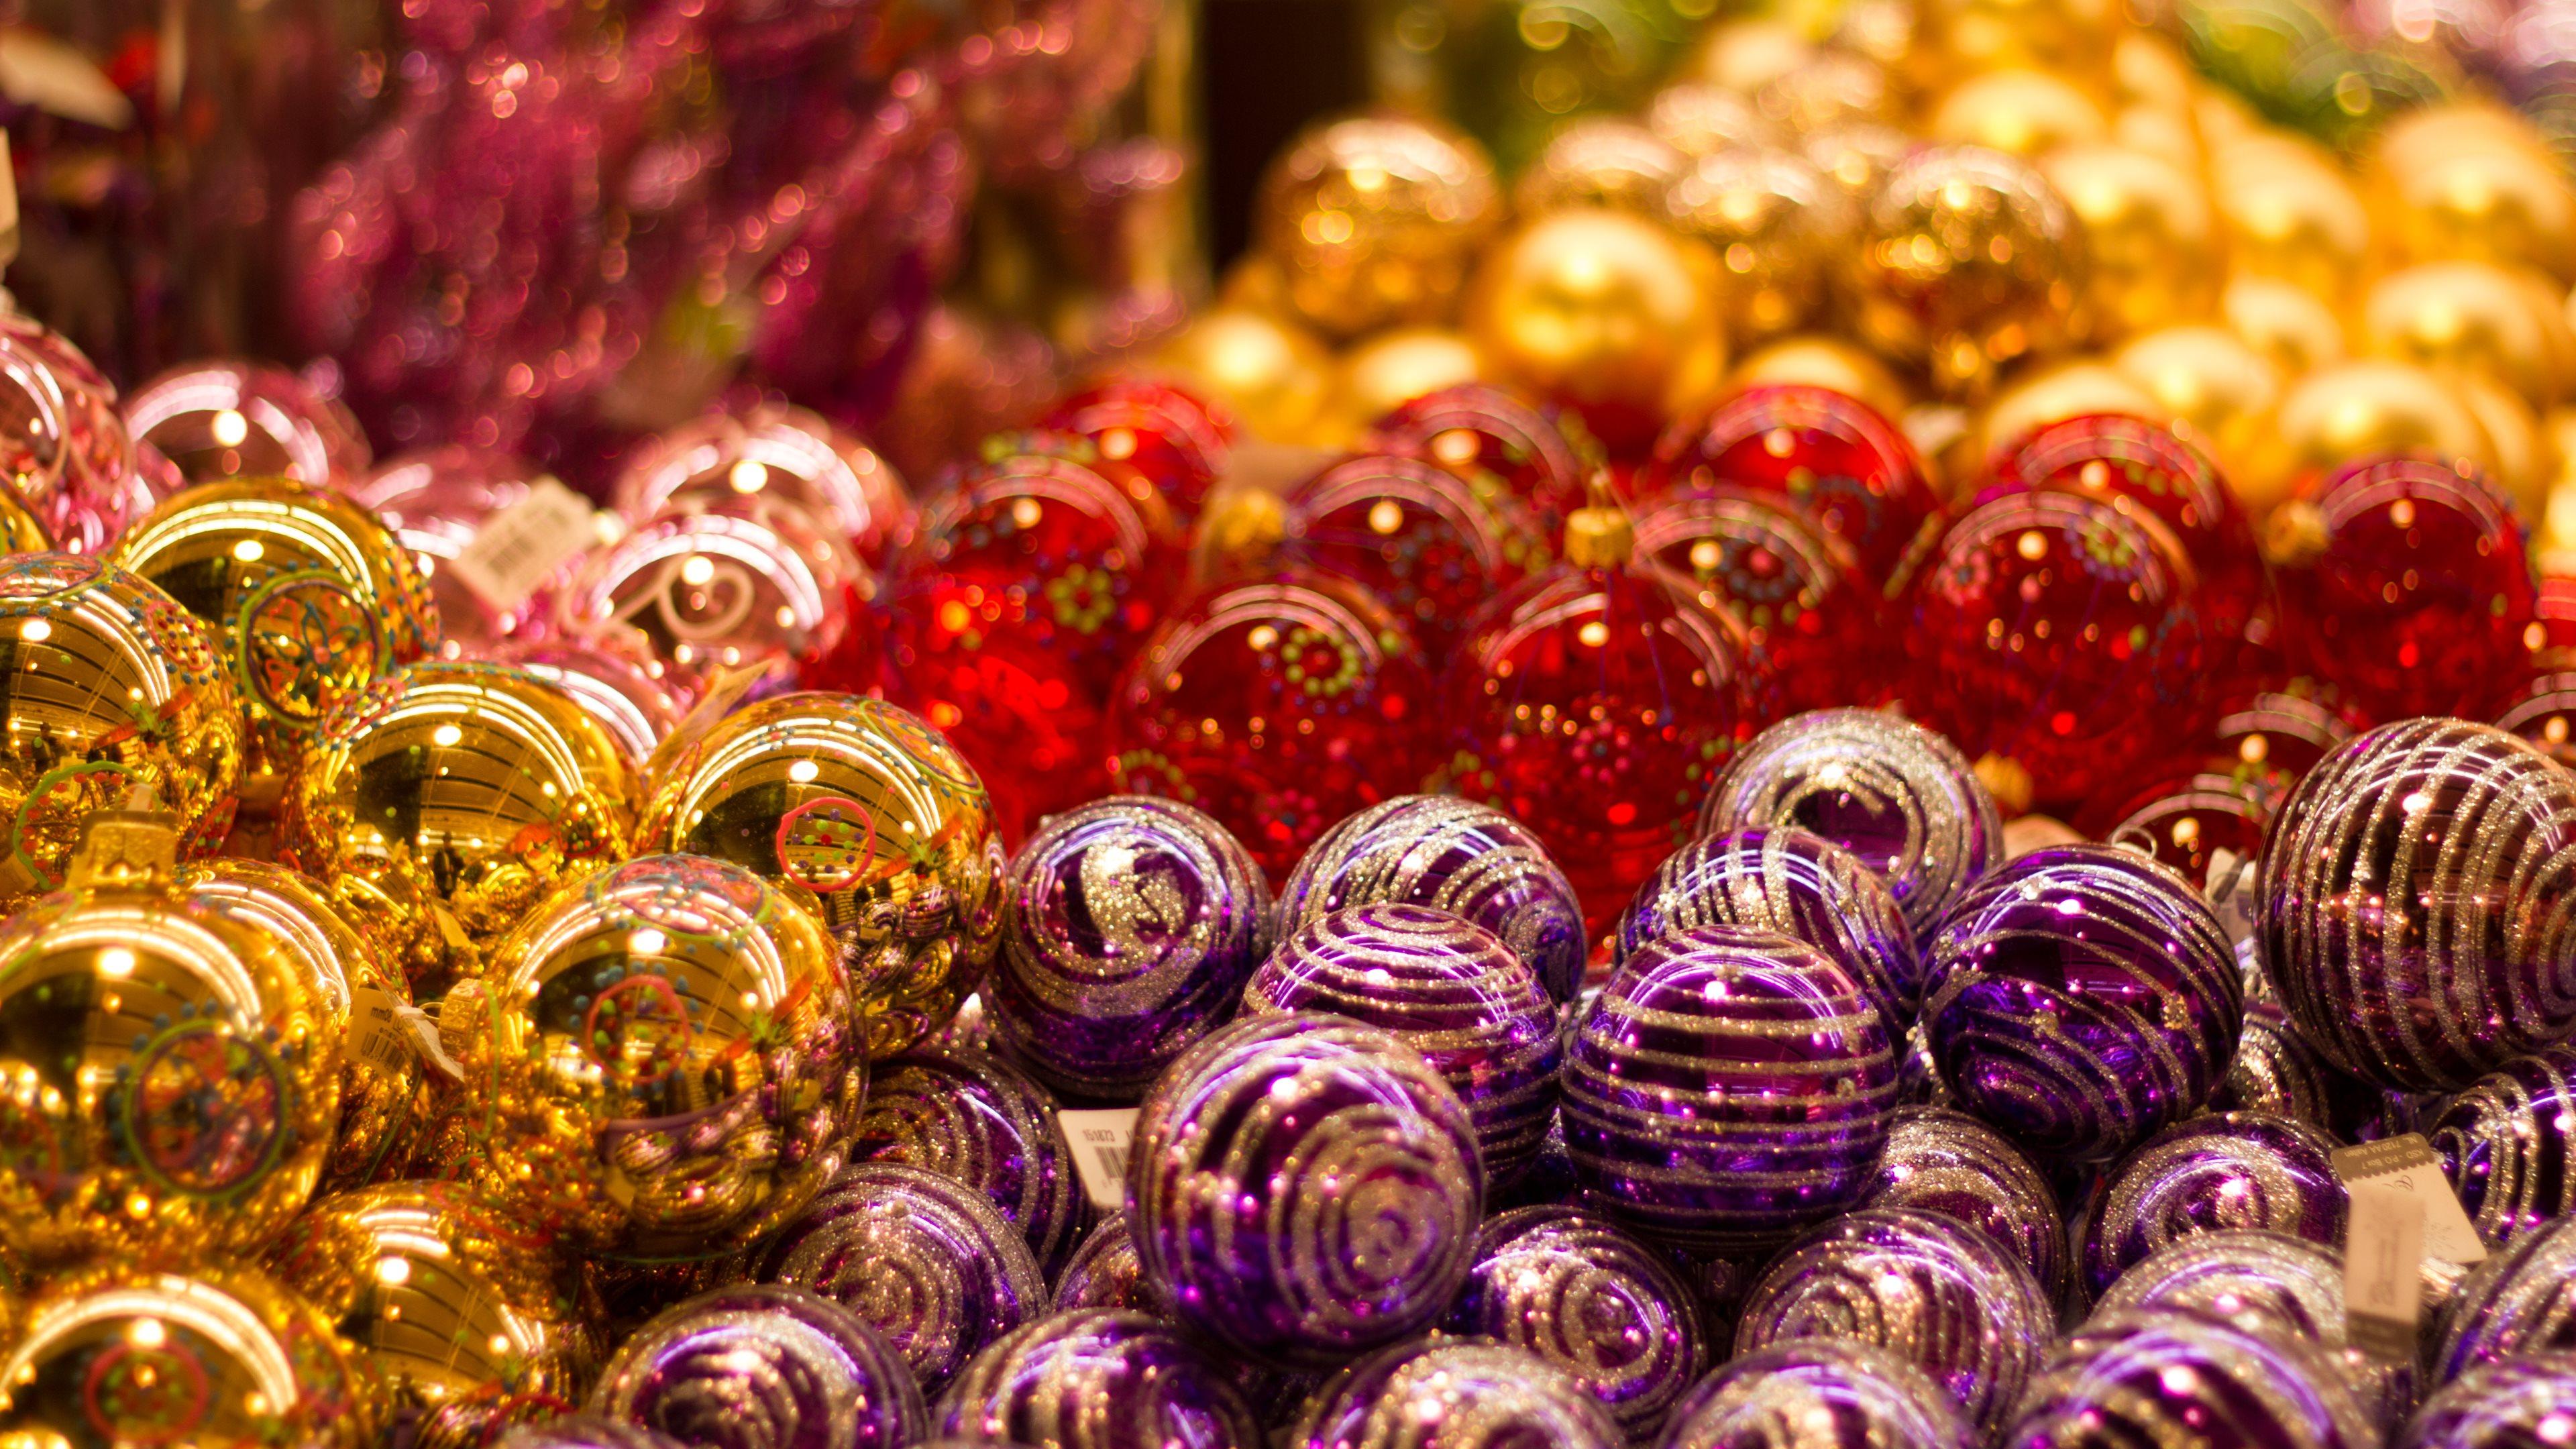 4k christmas balls wallpapers high quality